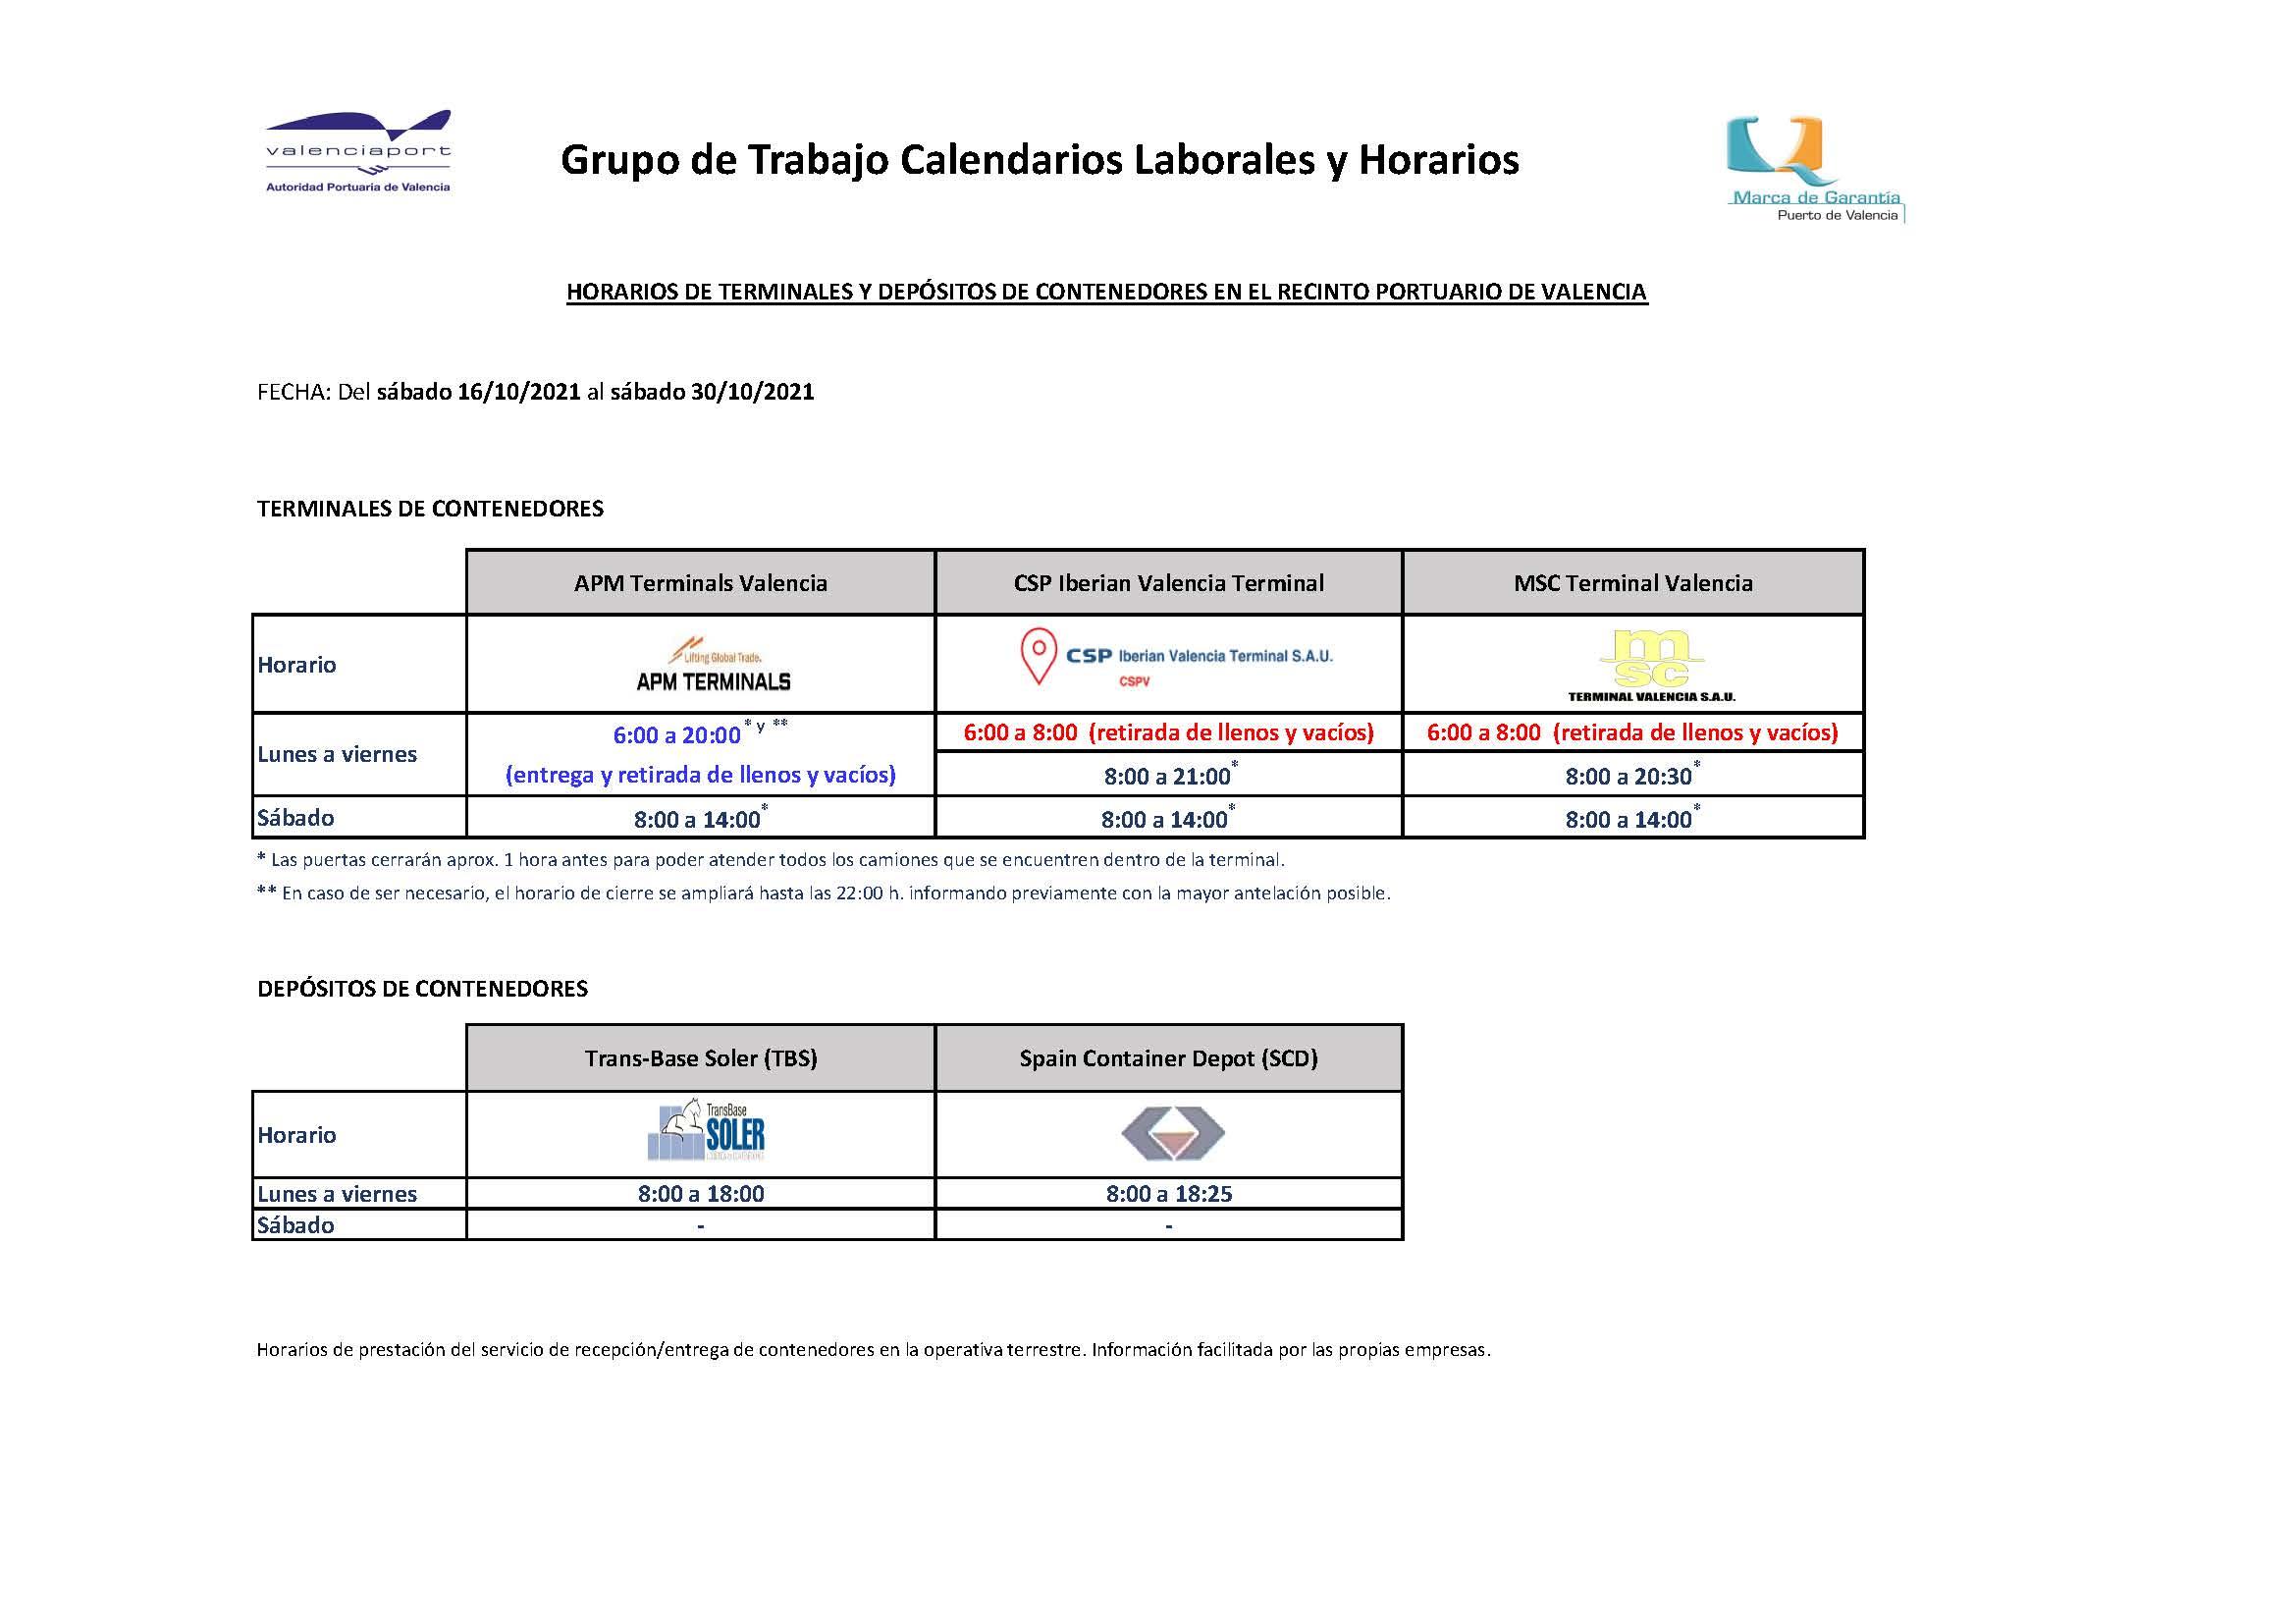 Horarios entrega/recepción en la operativa terrestre de terminales y depósitos de contenedores puerto de Valencia